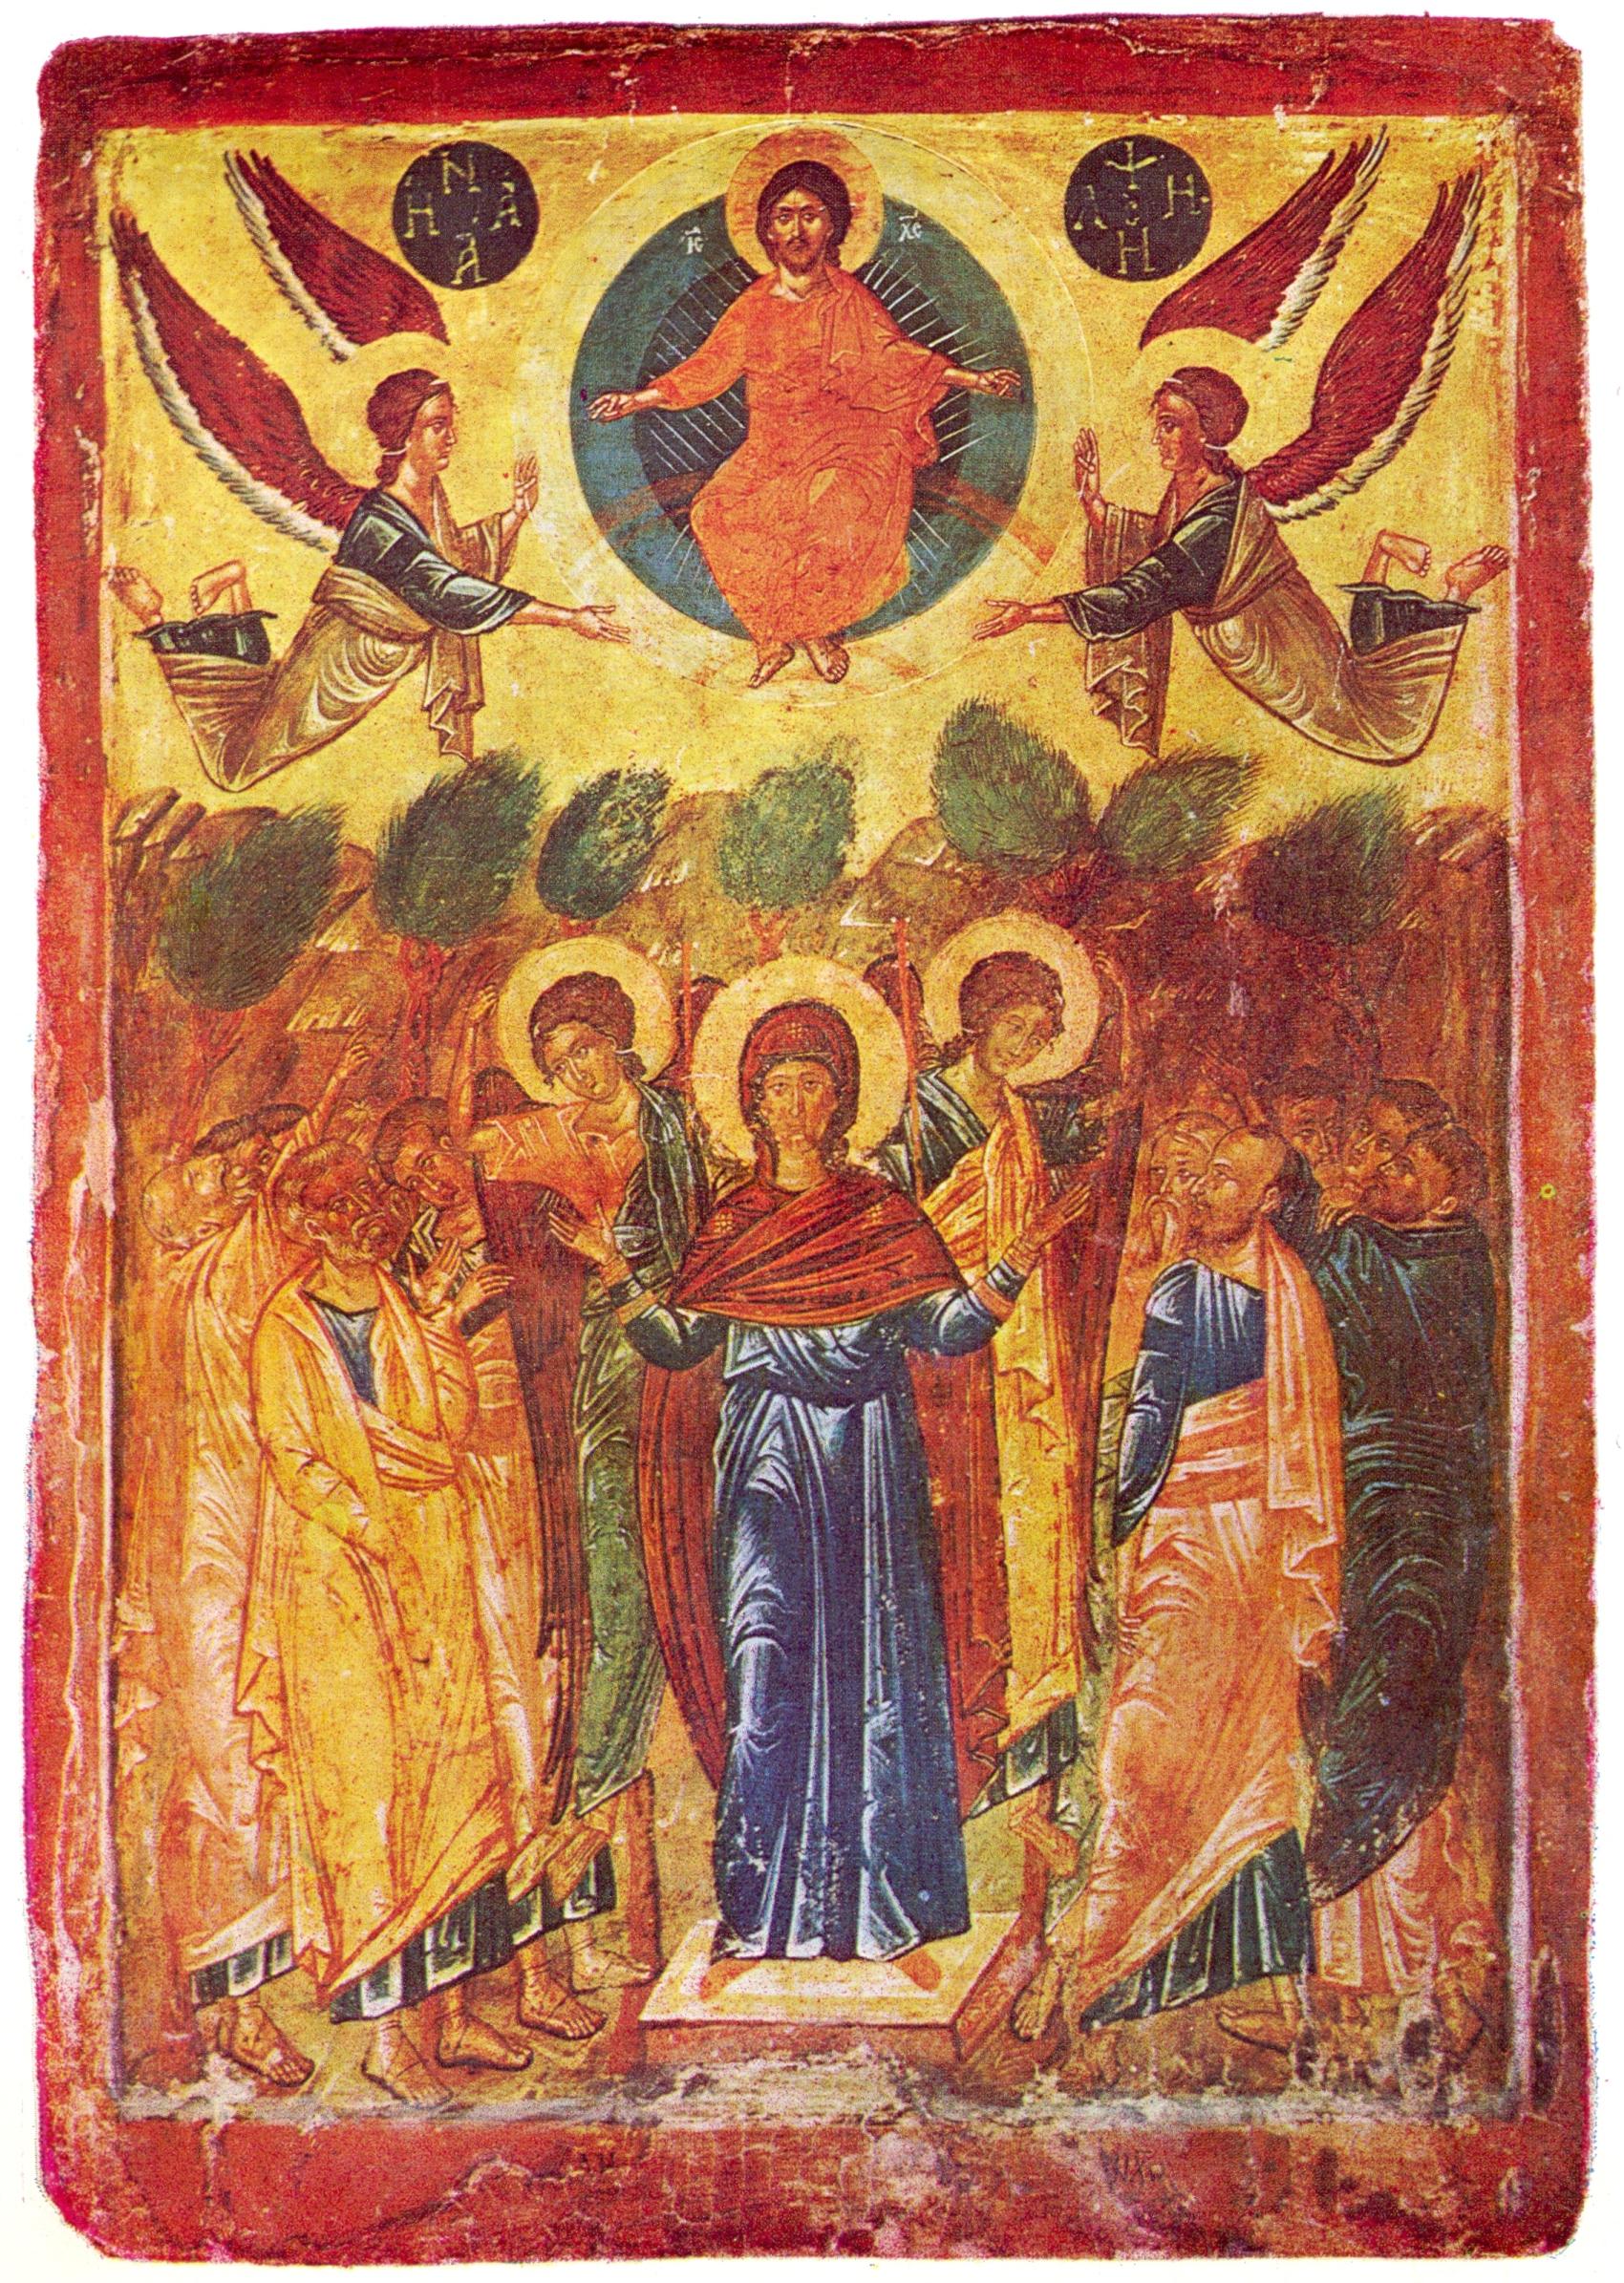 Christ-Ascension-icon-Michurin-Bulgaria-16century-beautiful-icon